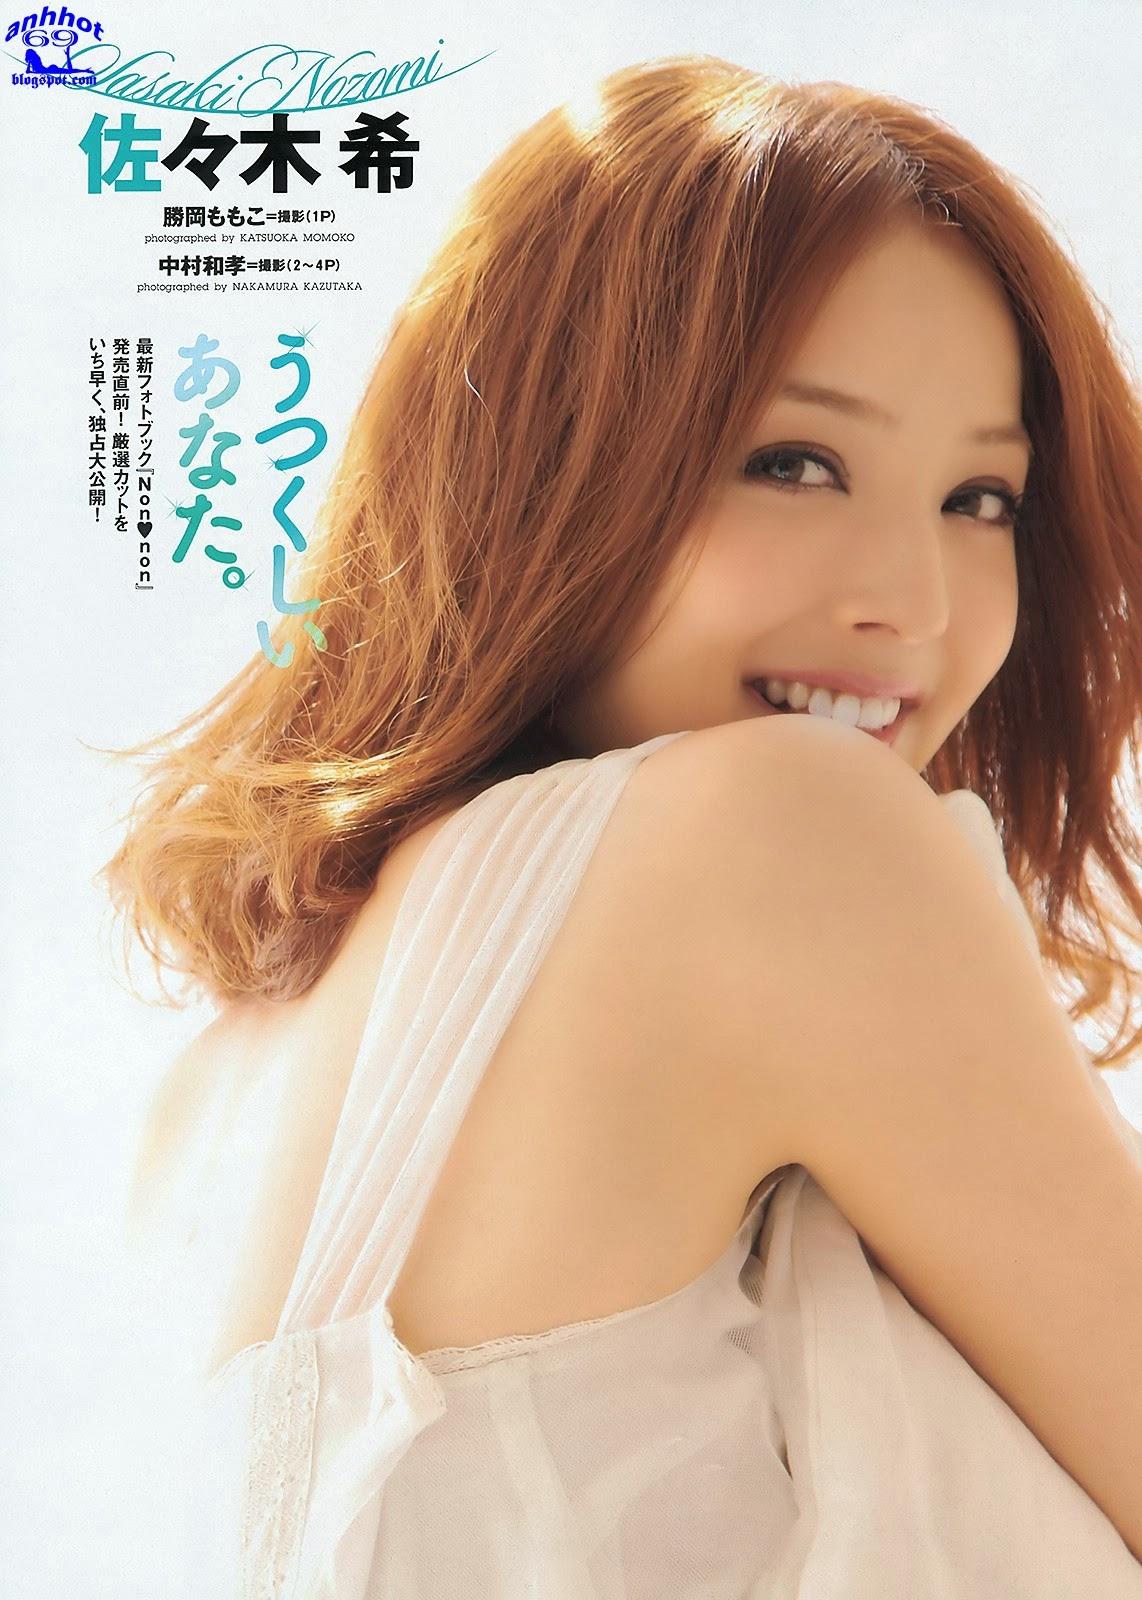 nozomi-sasaki-01361483